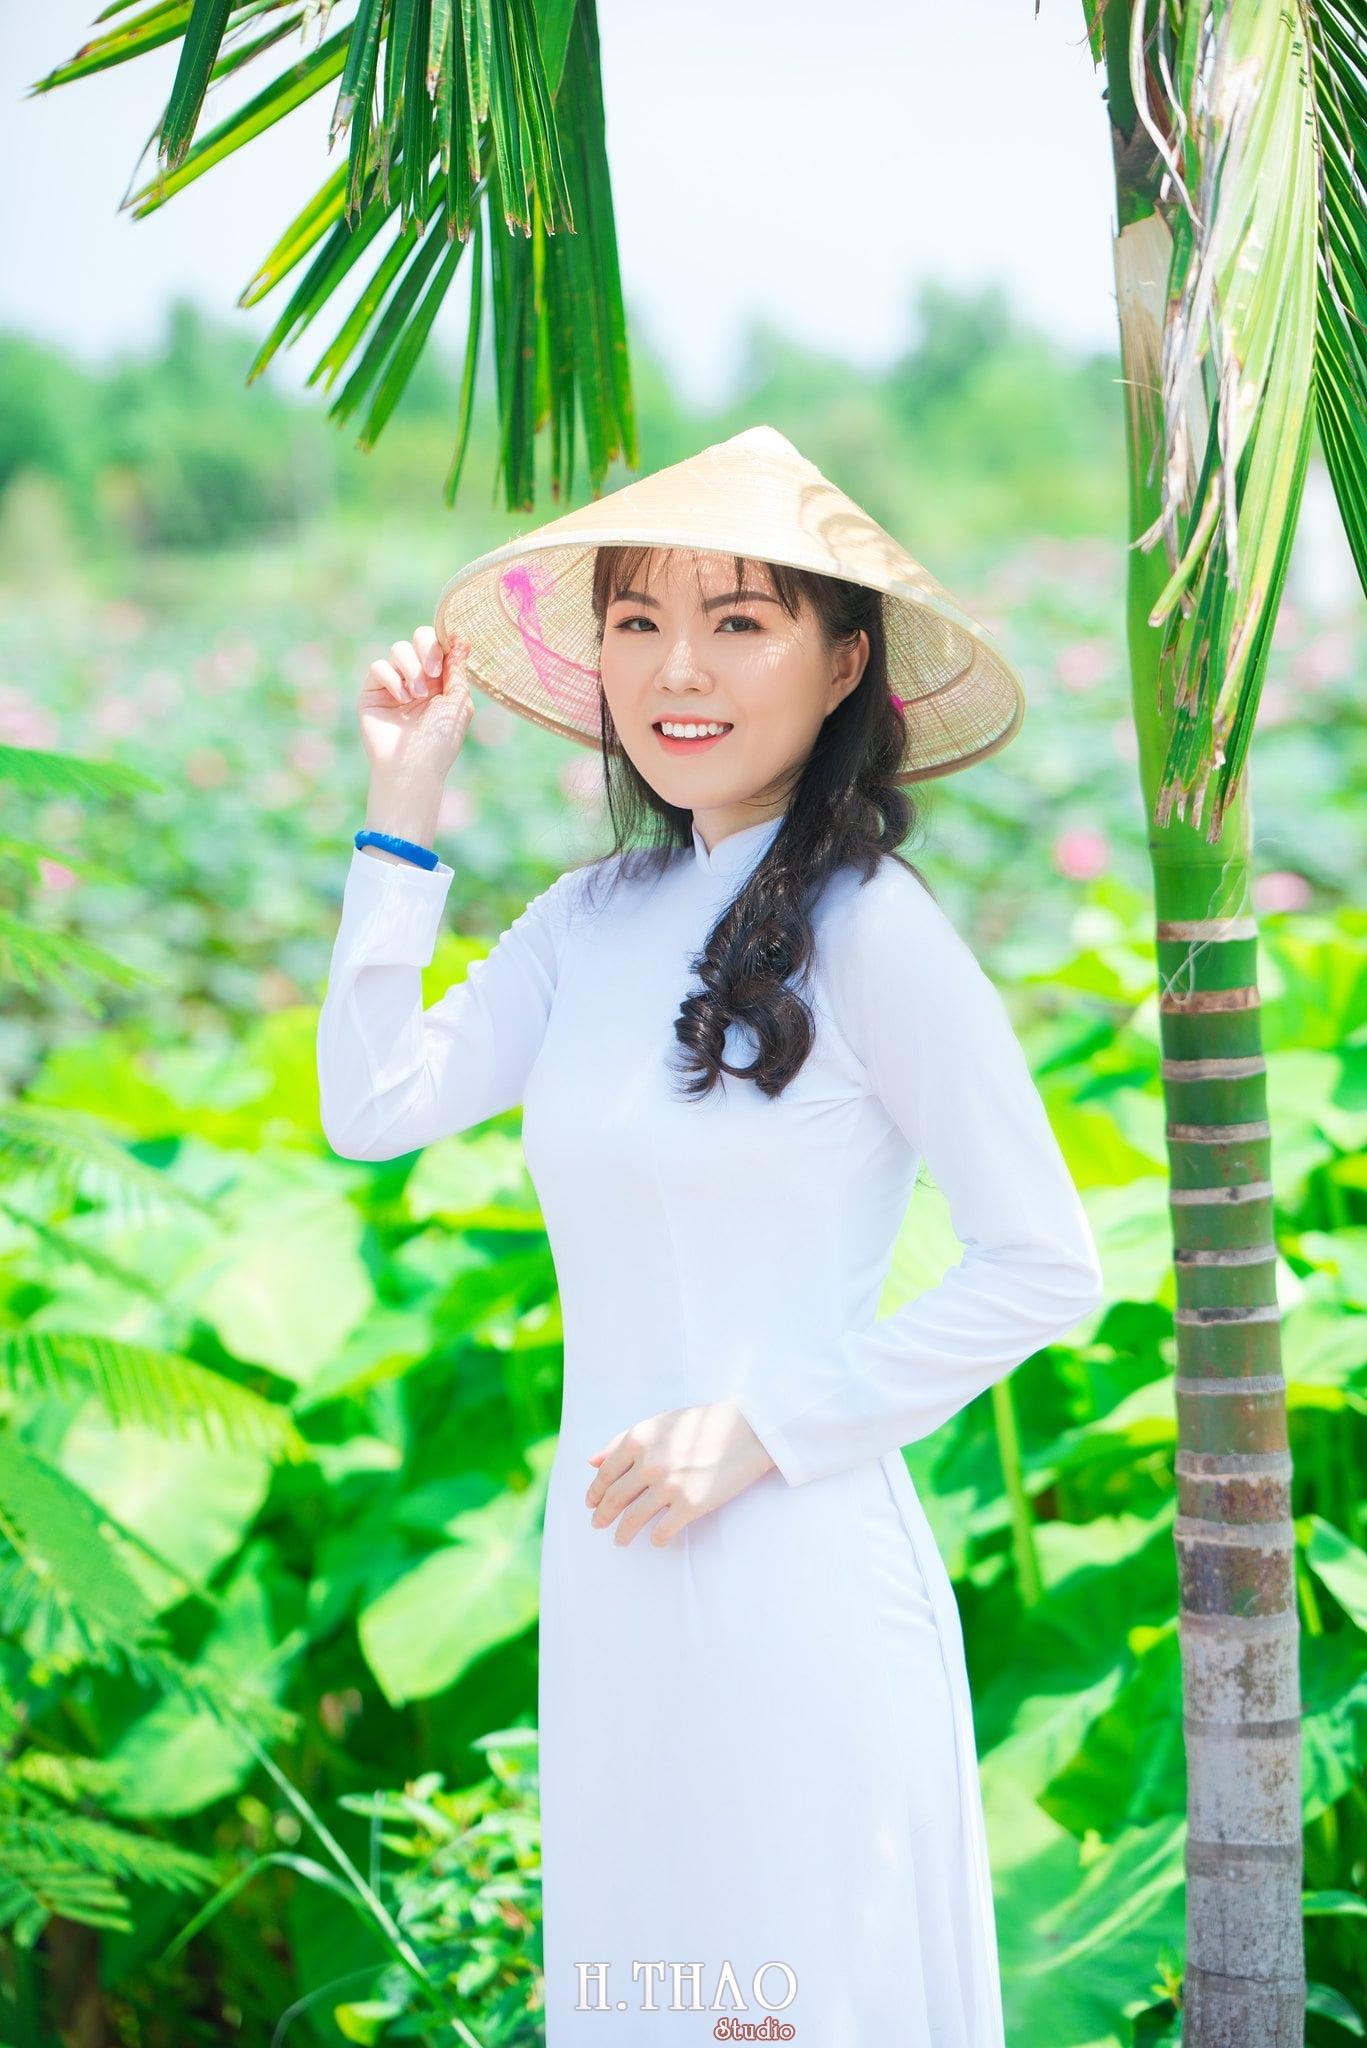 nh áo dài hoa sen 27 - Góc ảnh thiếu nữ áo dài bên hoa sen đẹp tinh khôi- HThao Studio